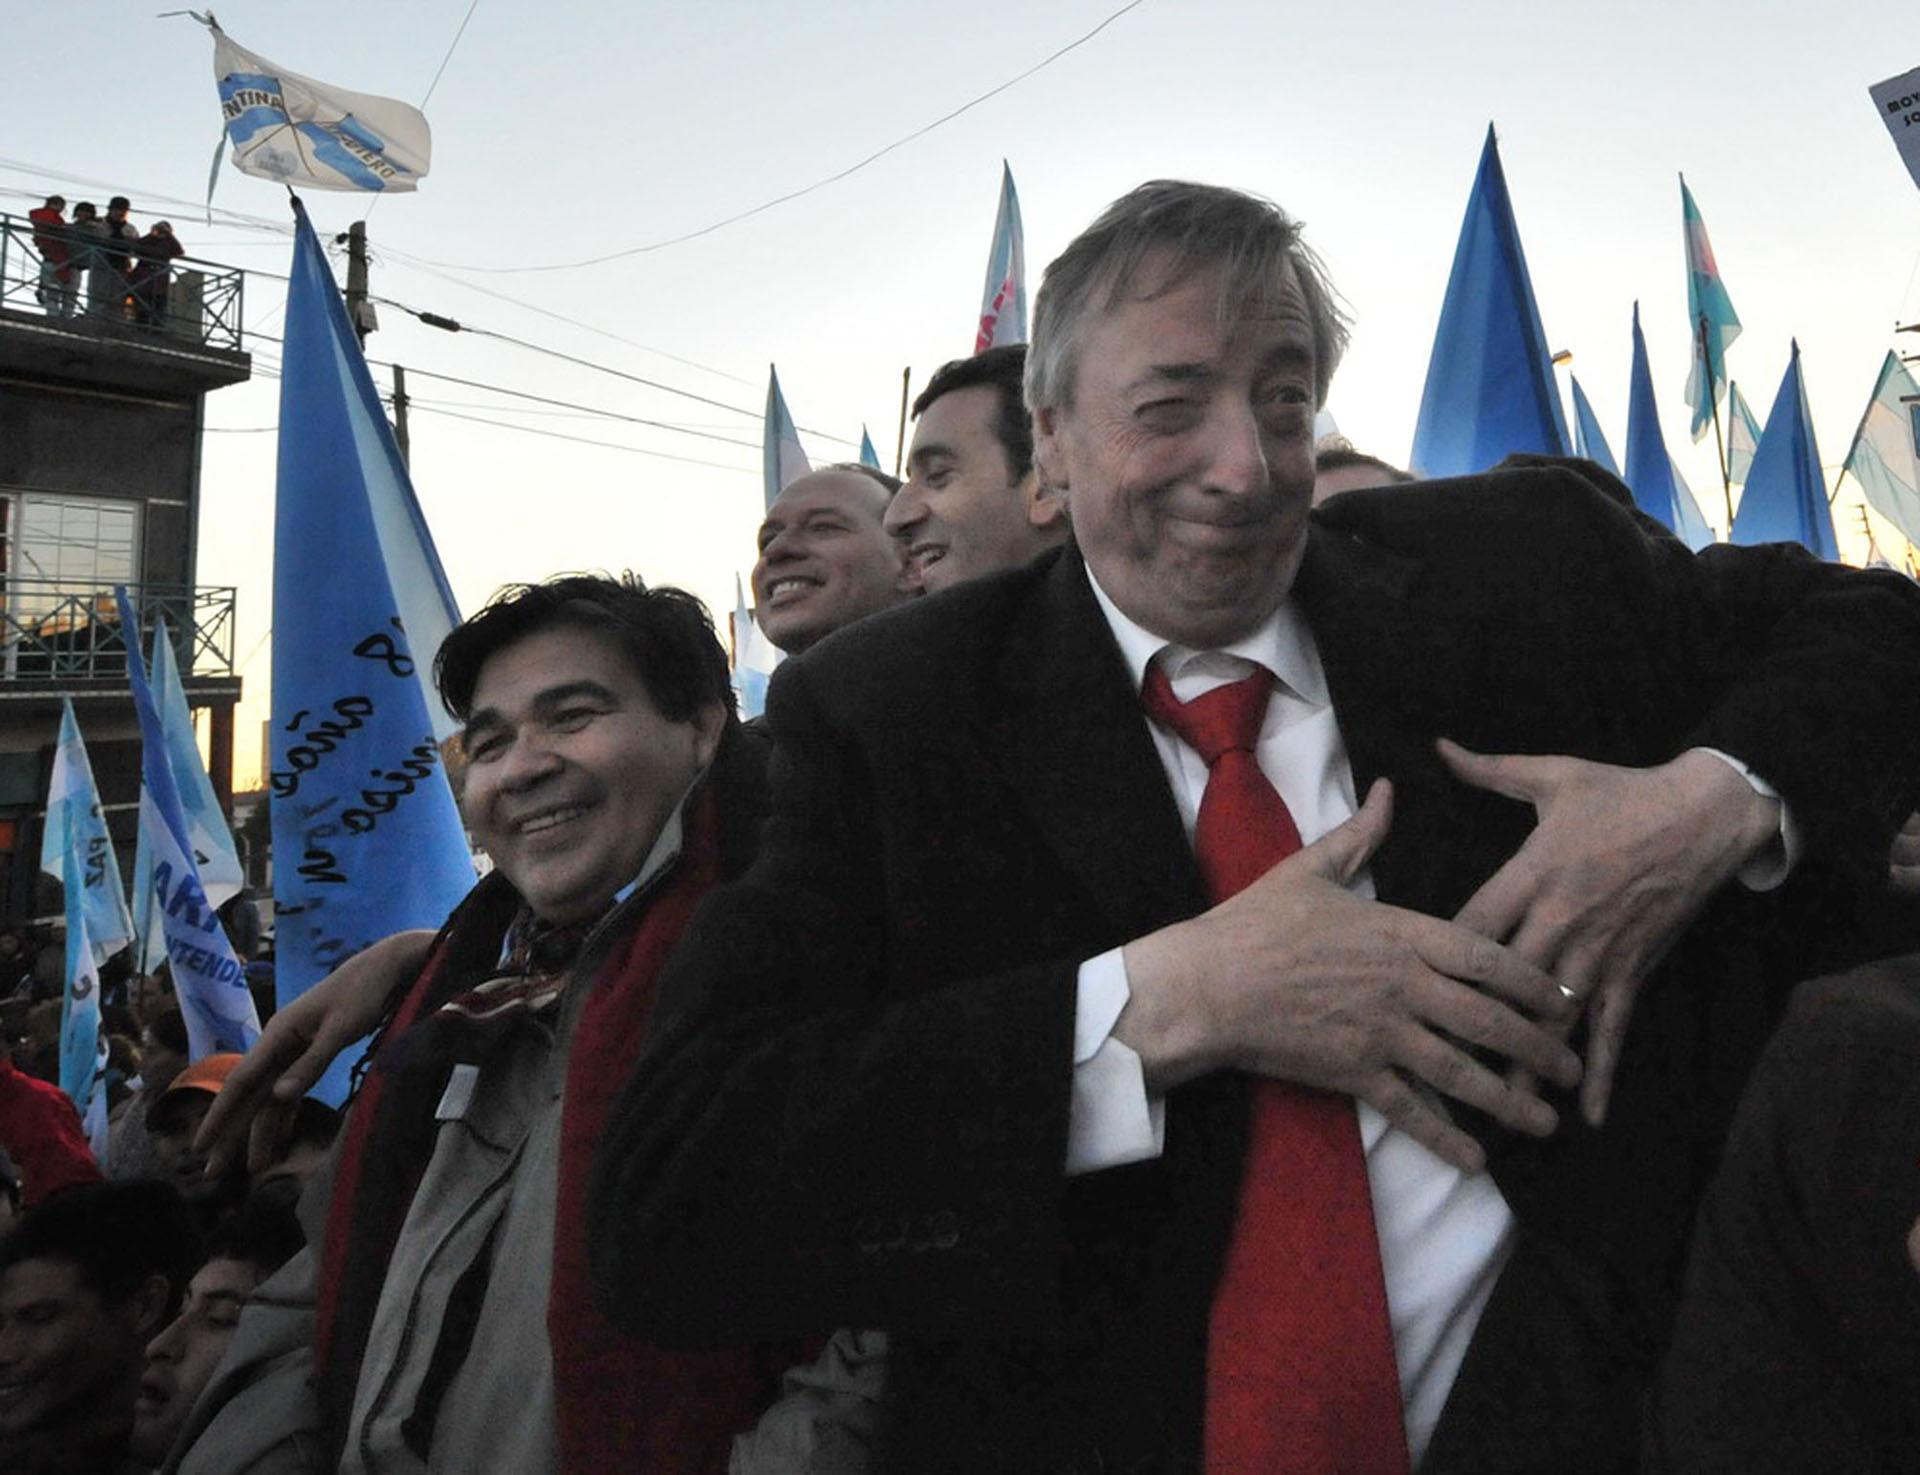 El candidato a diputado nacional por el FpV, Néstor Kirchner, durante una recorrida de campaña por José C. Paz.